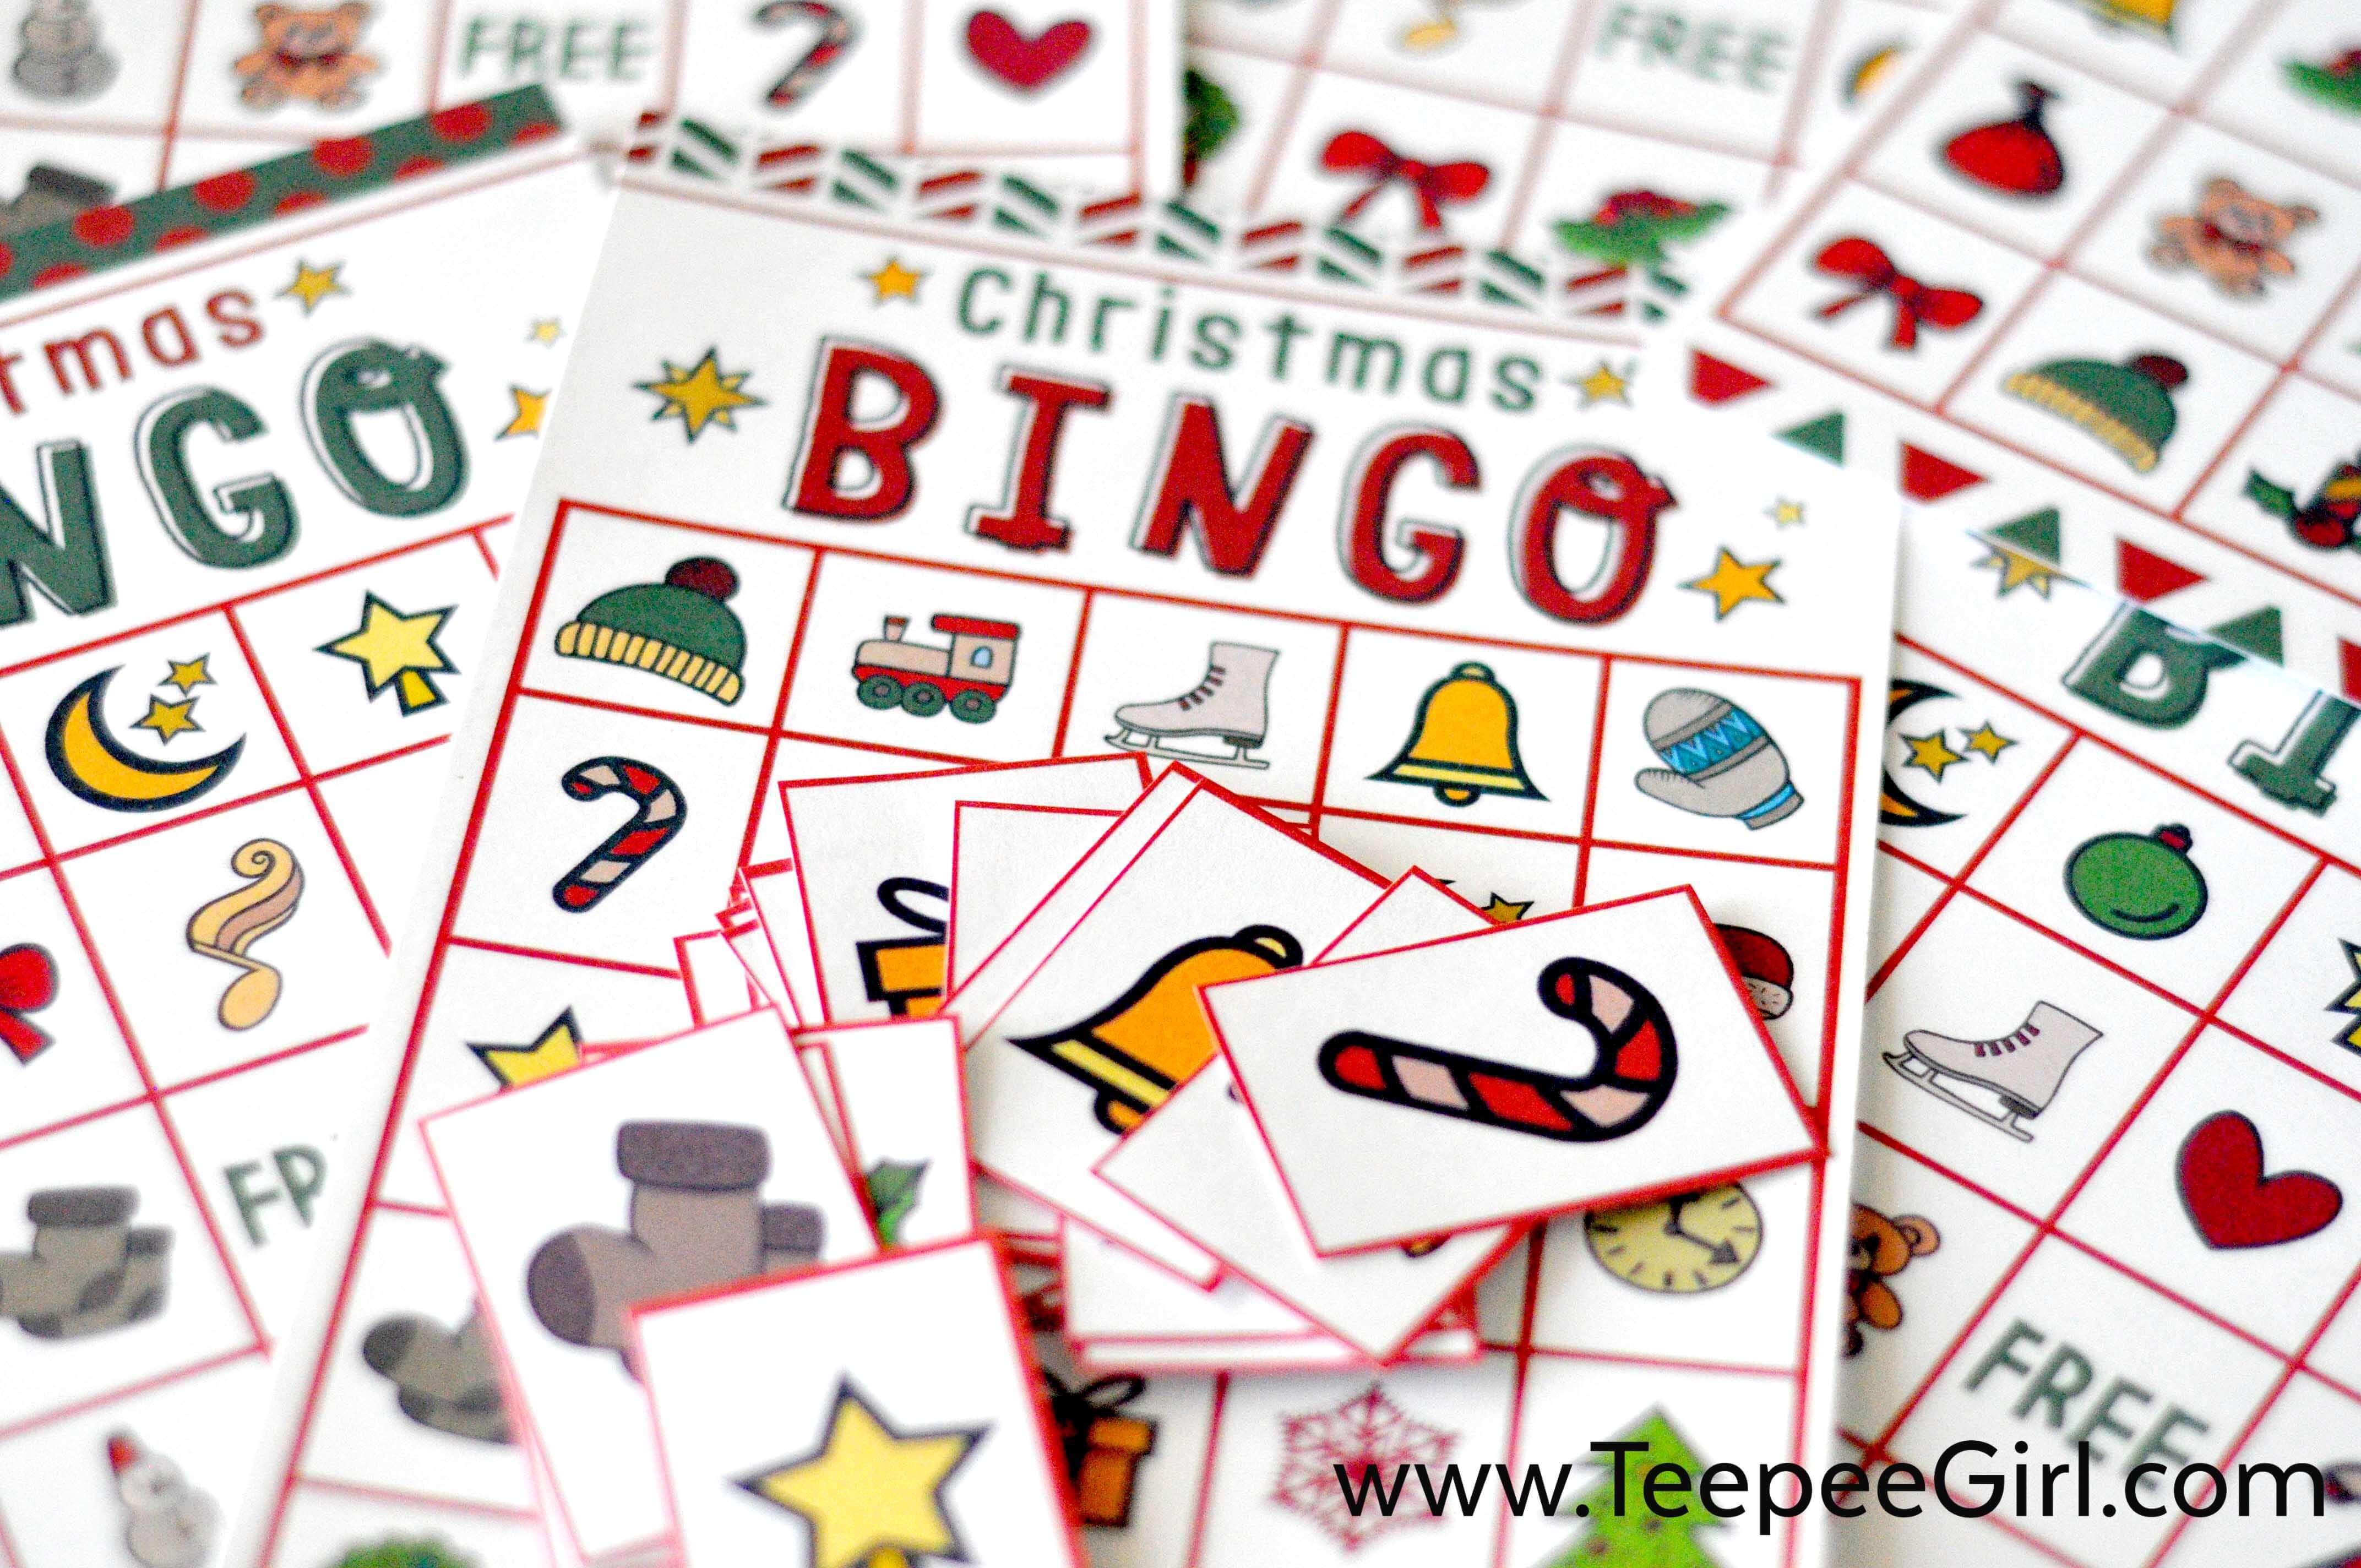 Free Christmas Bingo Game Printable - Christmas Bingo Game Printable Free